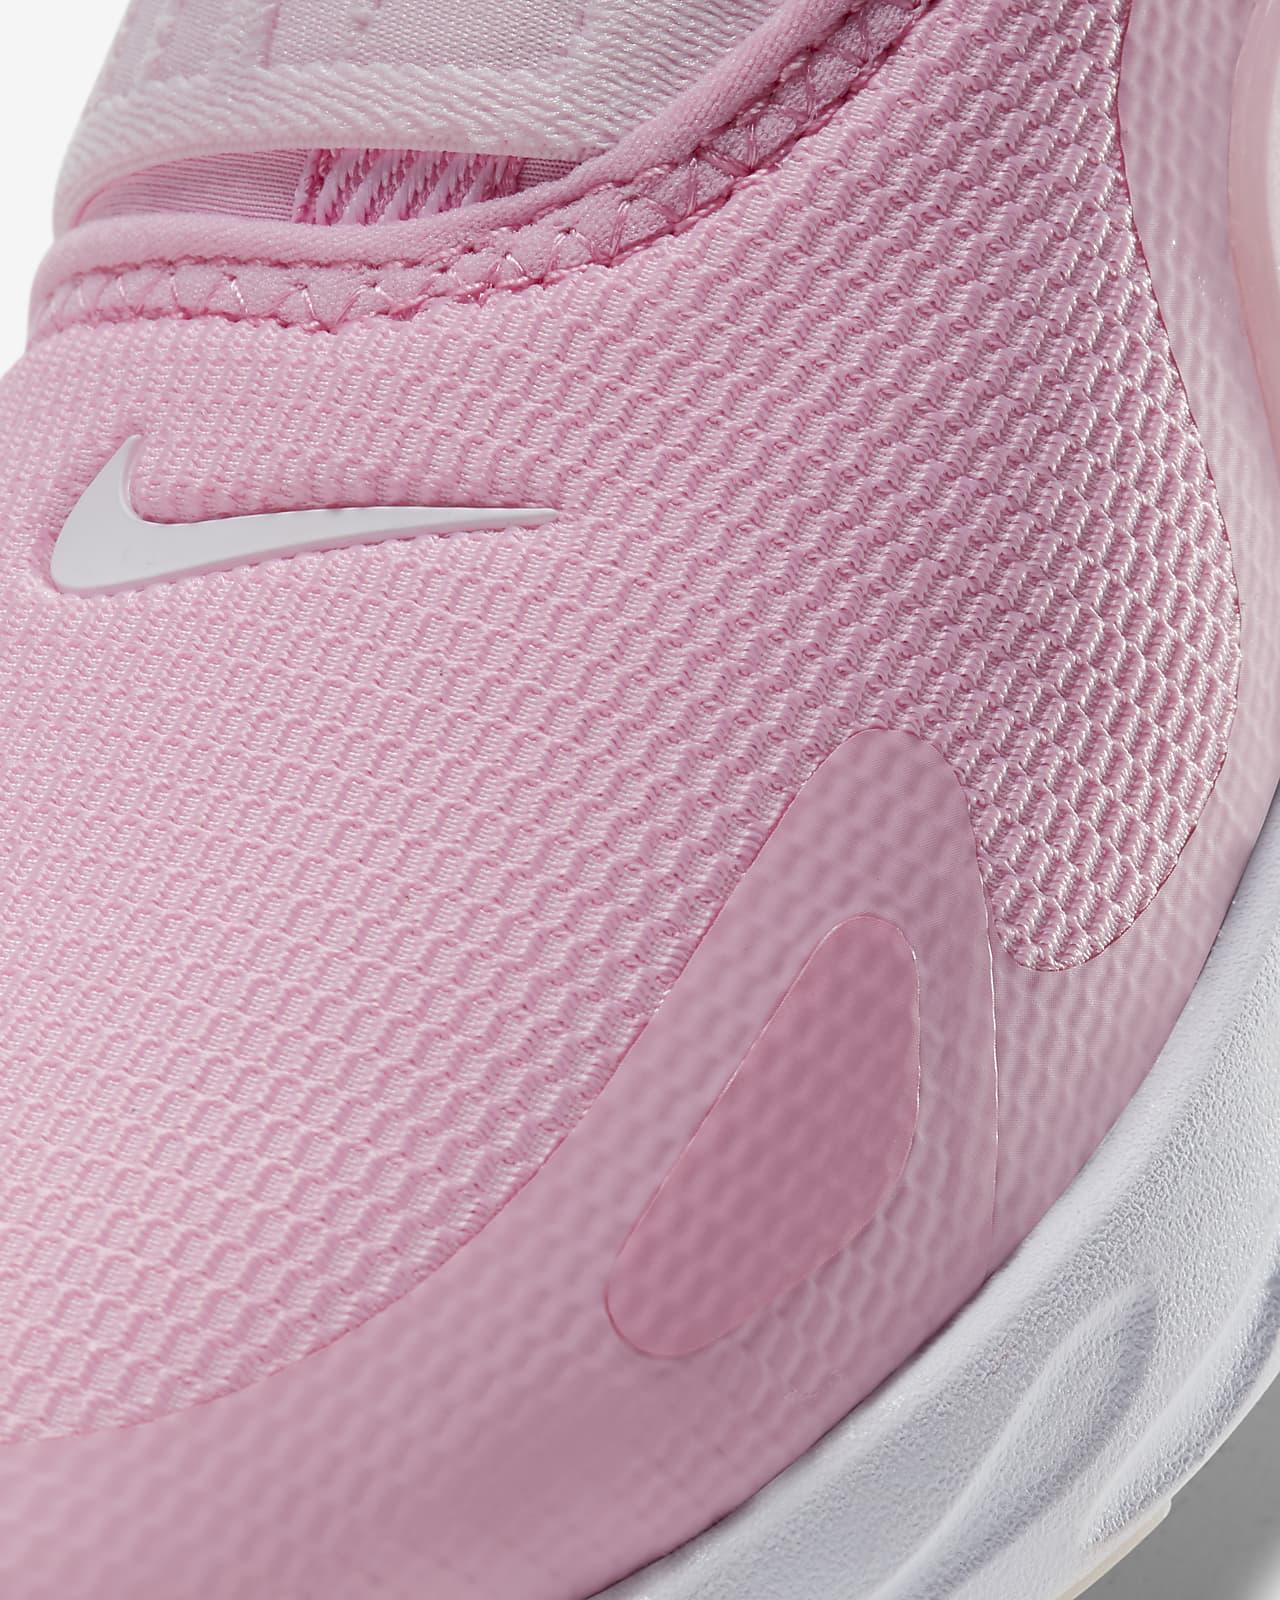 Nike React Presto Extreme Big Kids